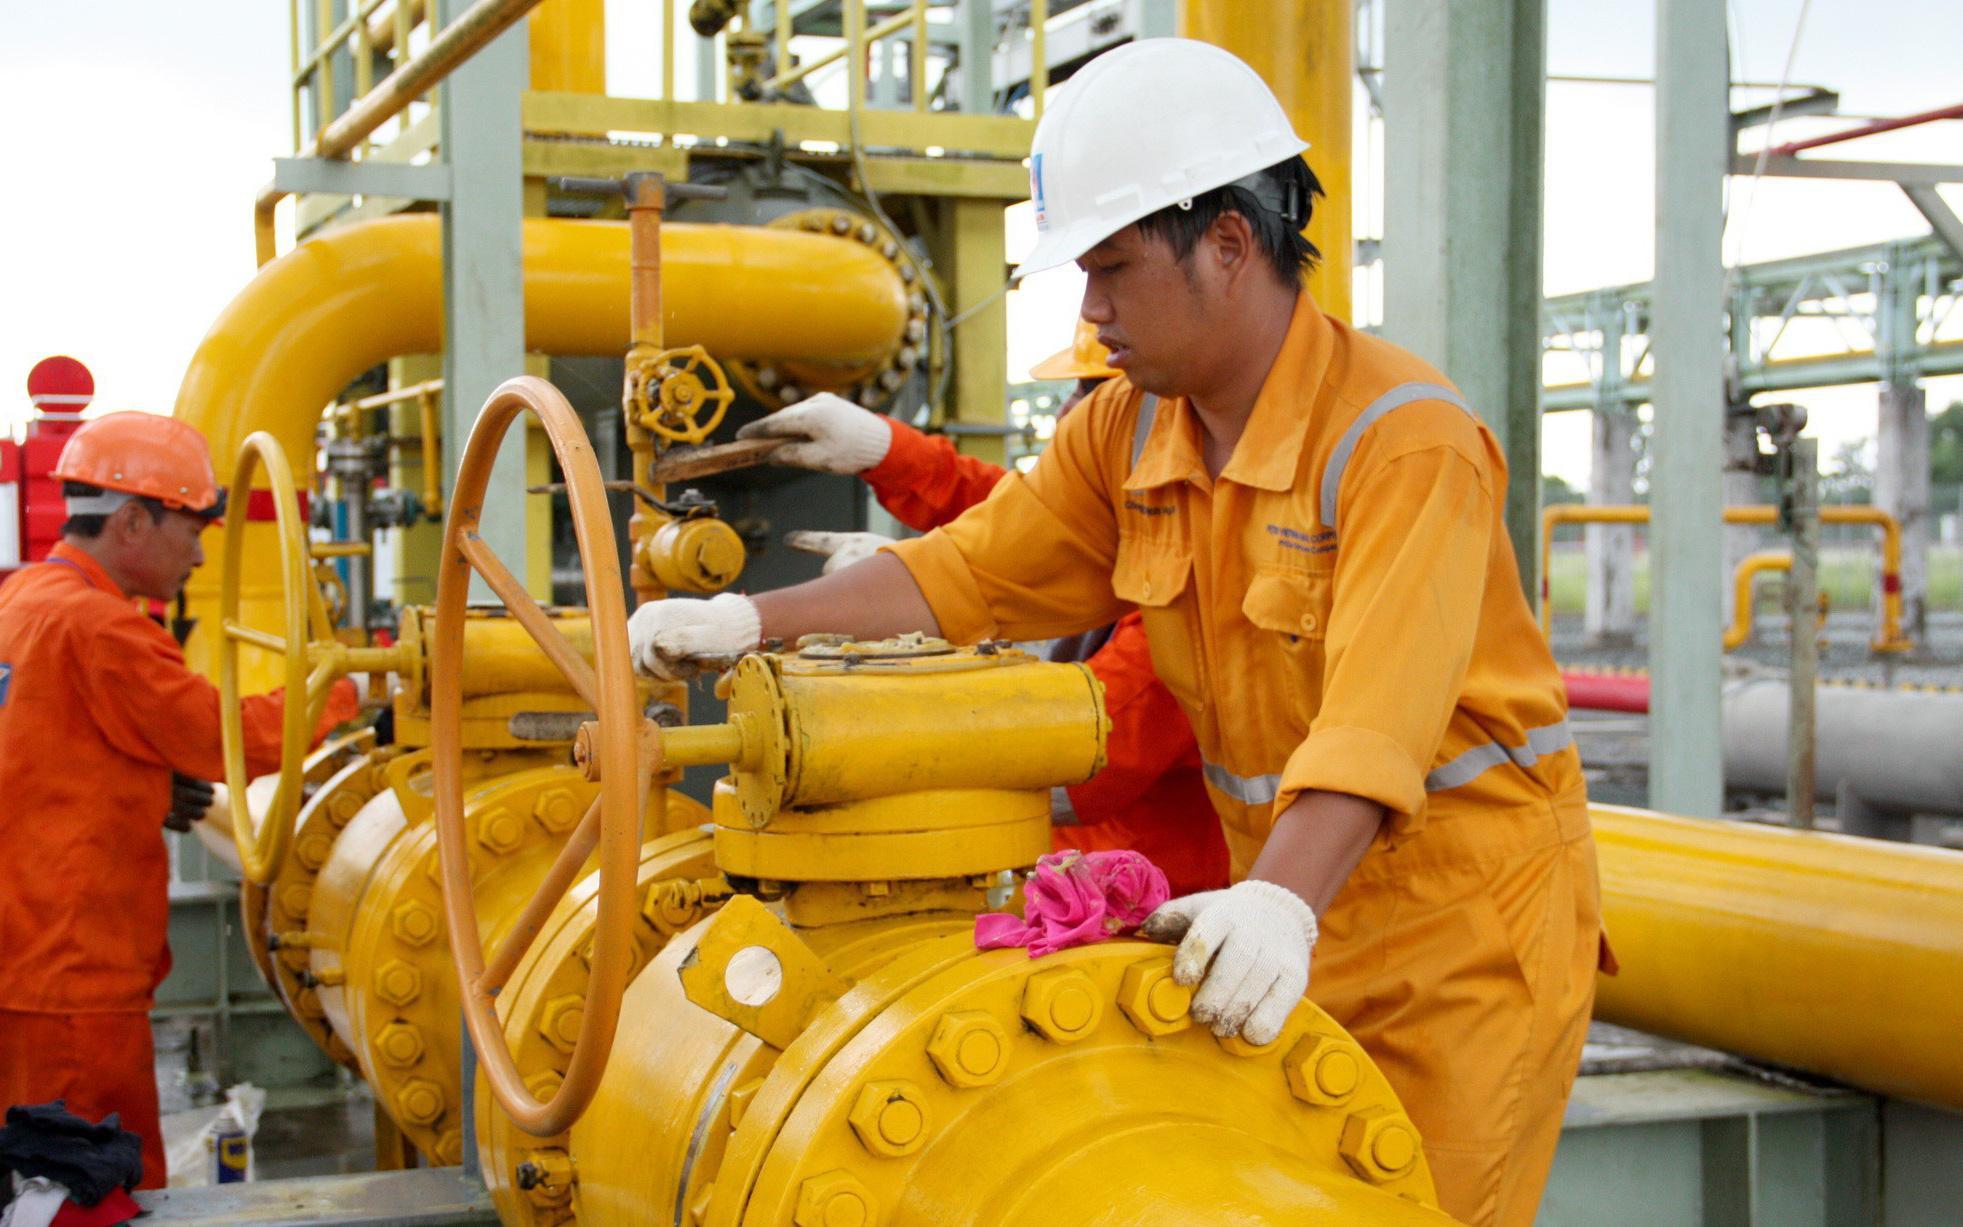 PV GAS: Mục tiêu chiếm lĩnh 51% thị phần bán buôn LPG toàn quốc